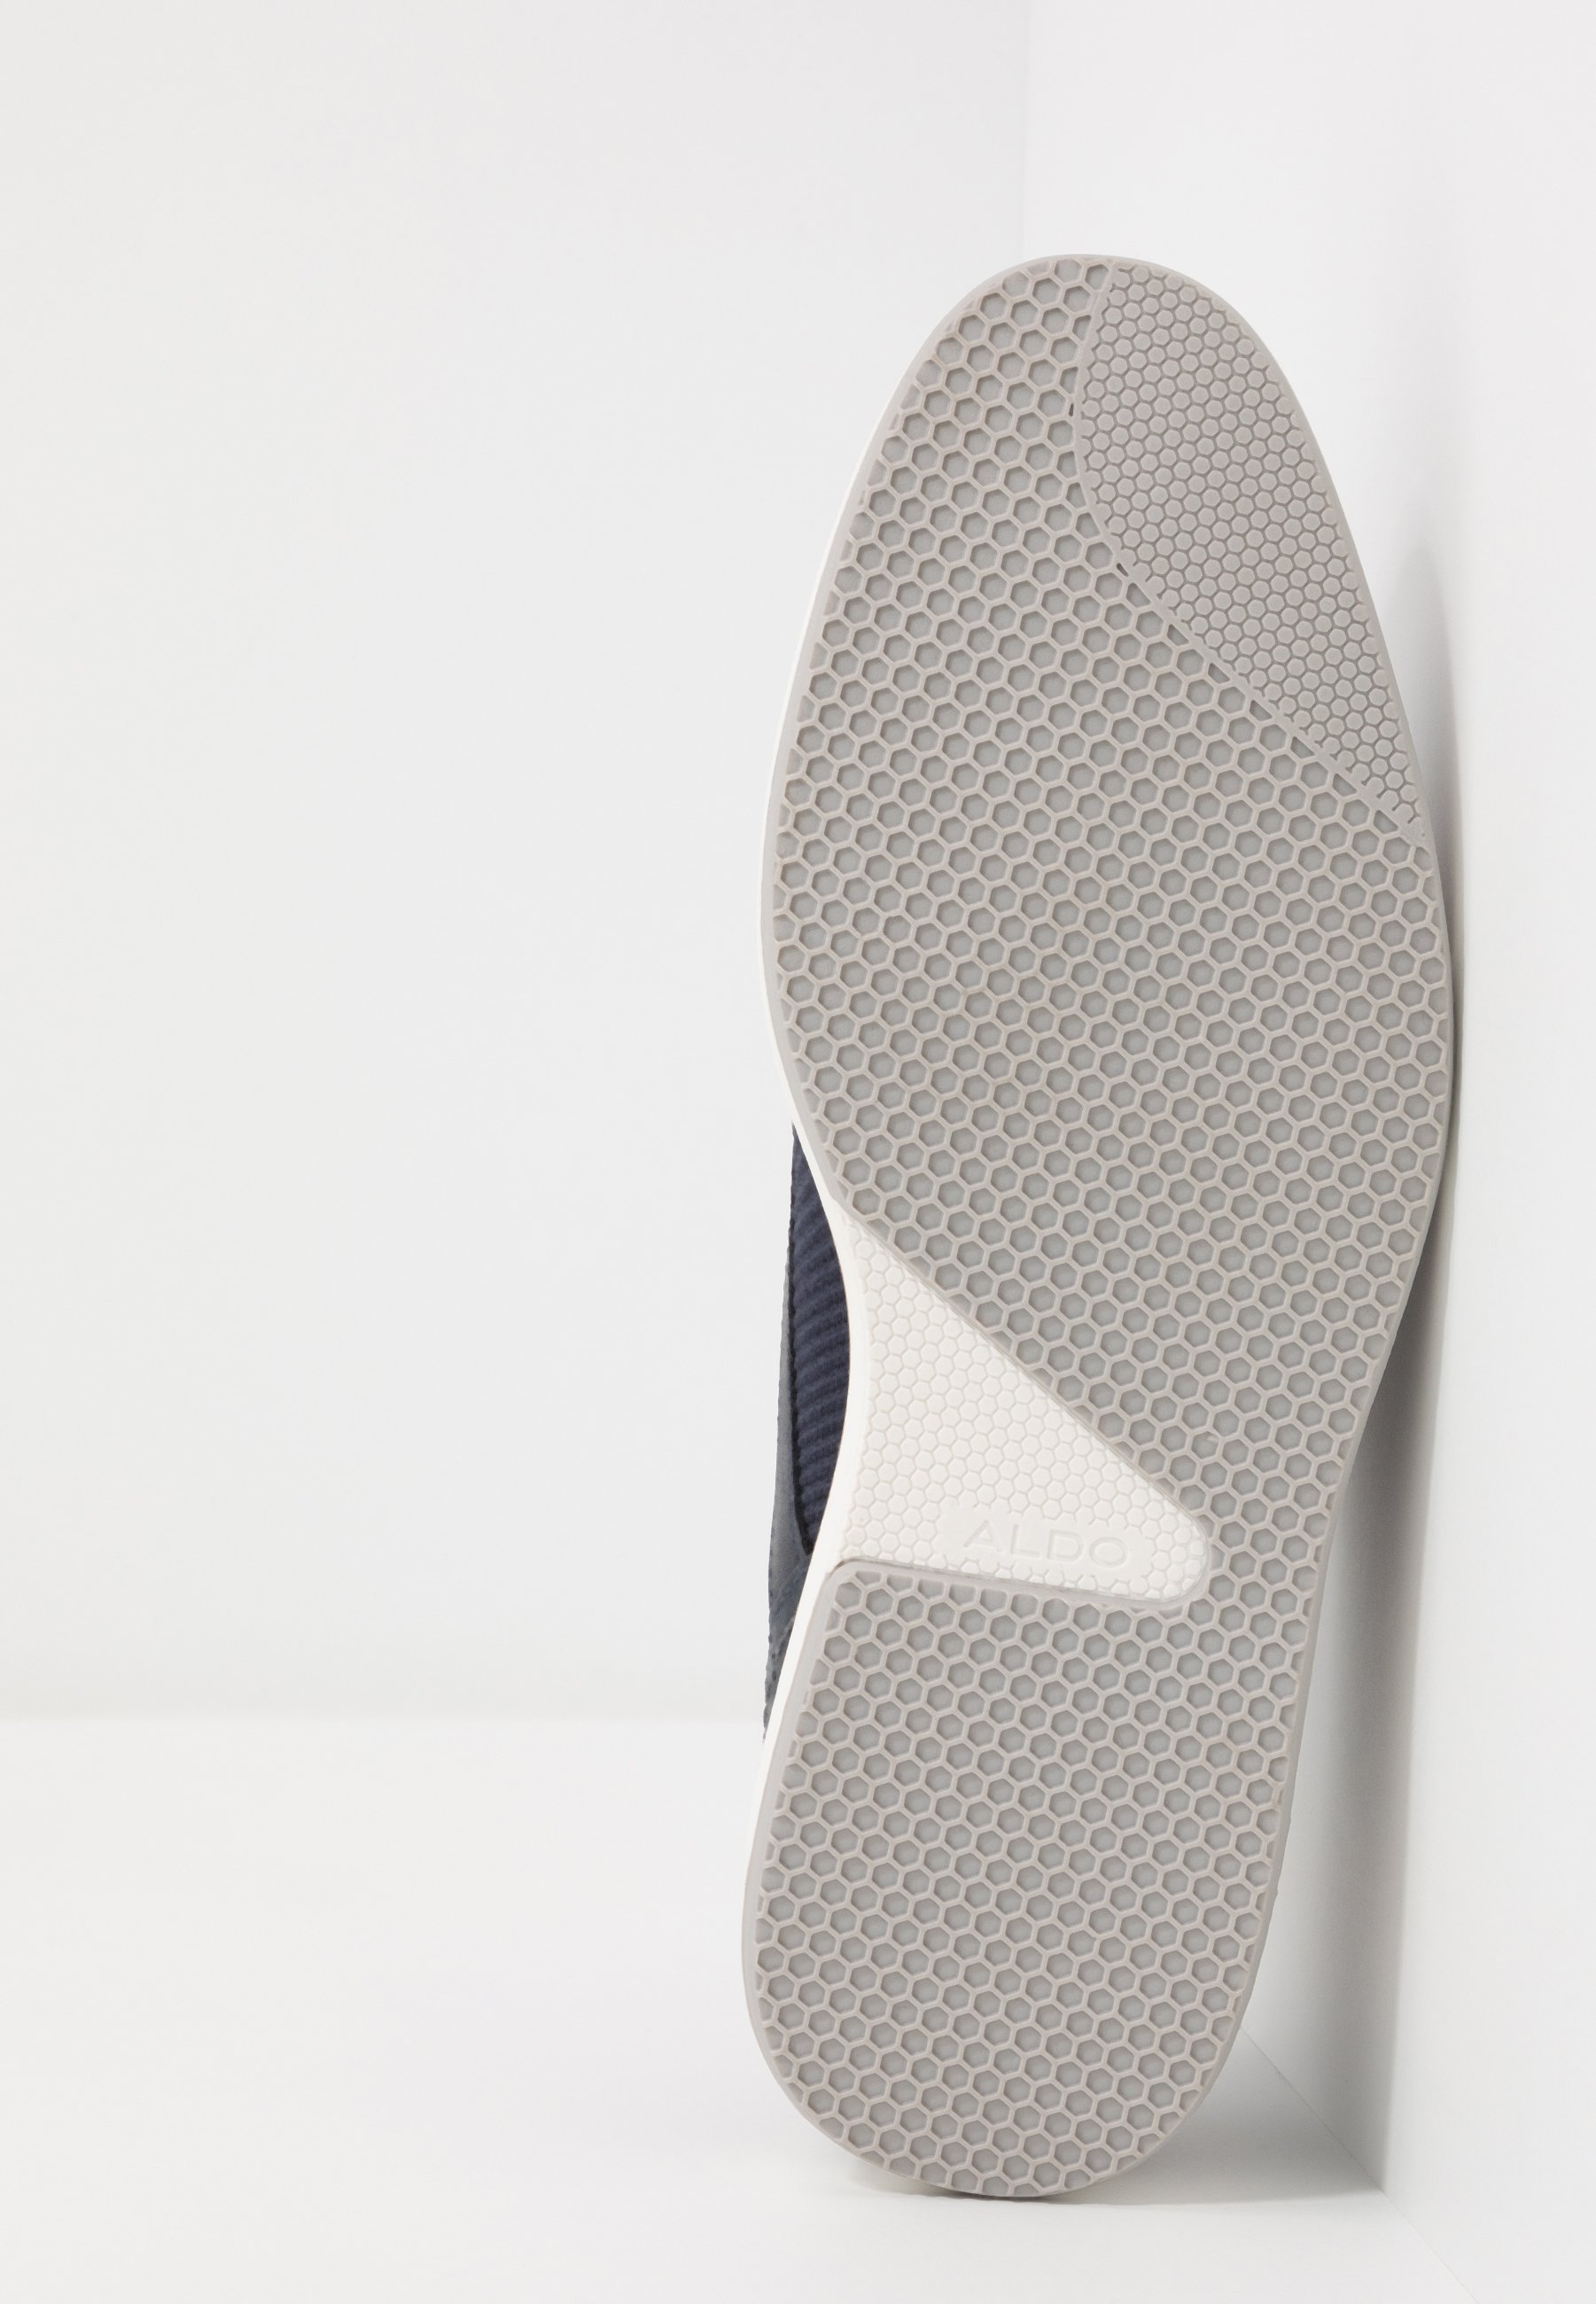 Meilleurs prix ALDO NYDERINIA Chaussures à lacets navy